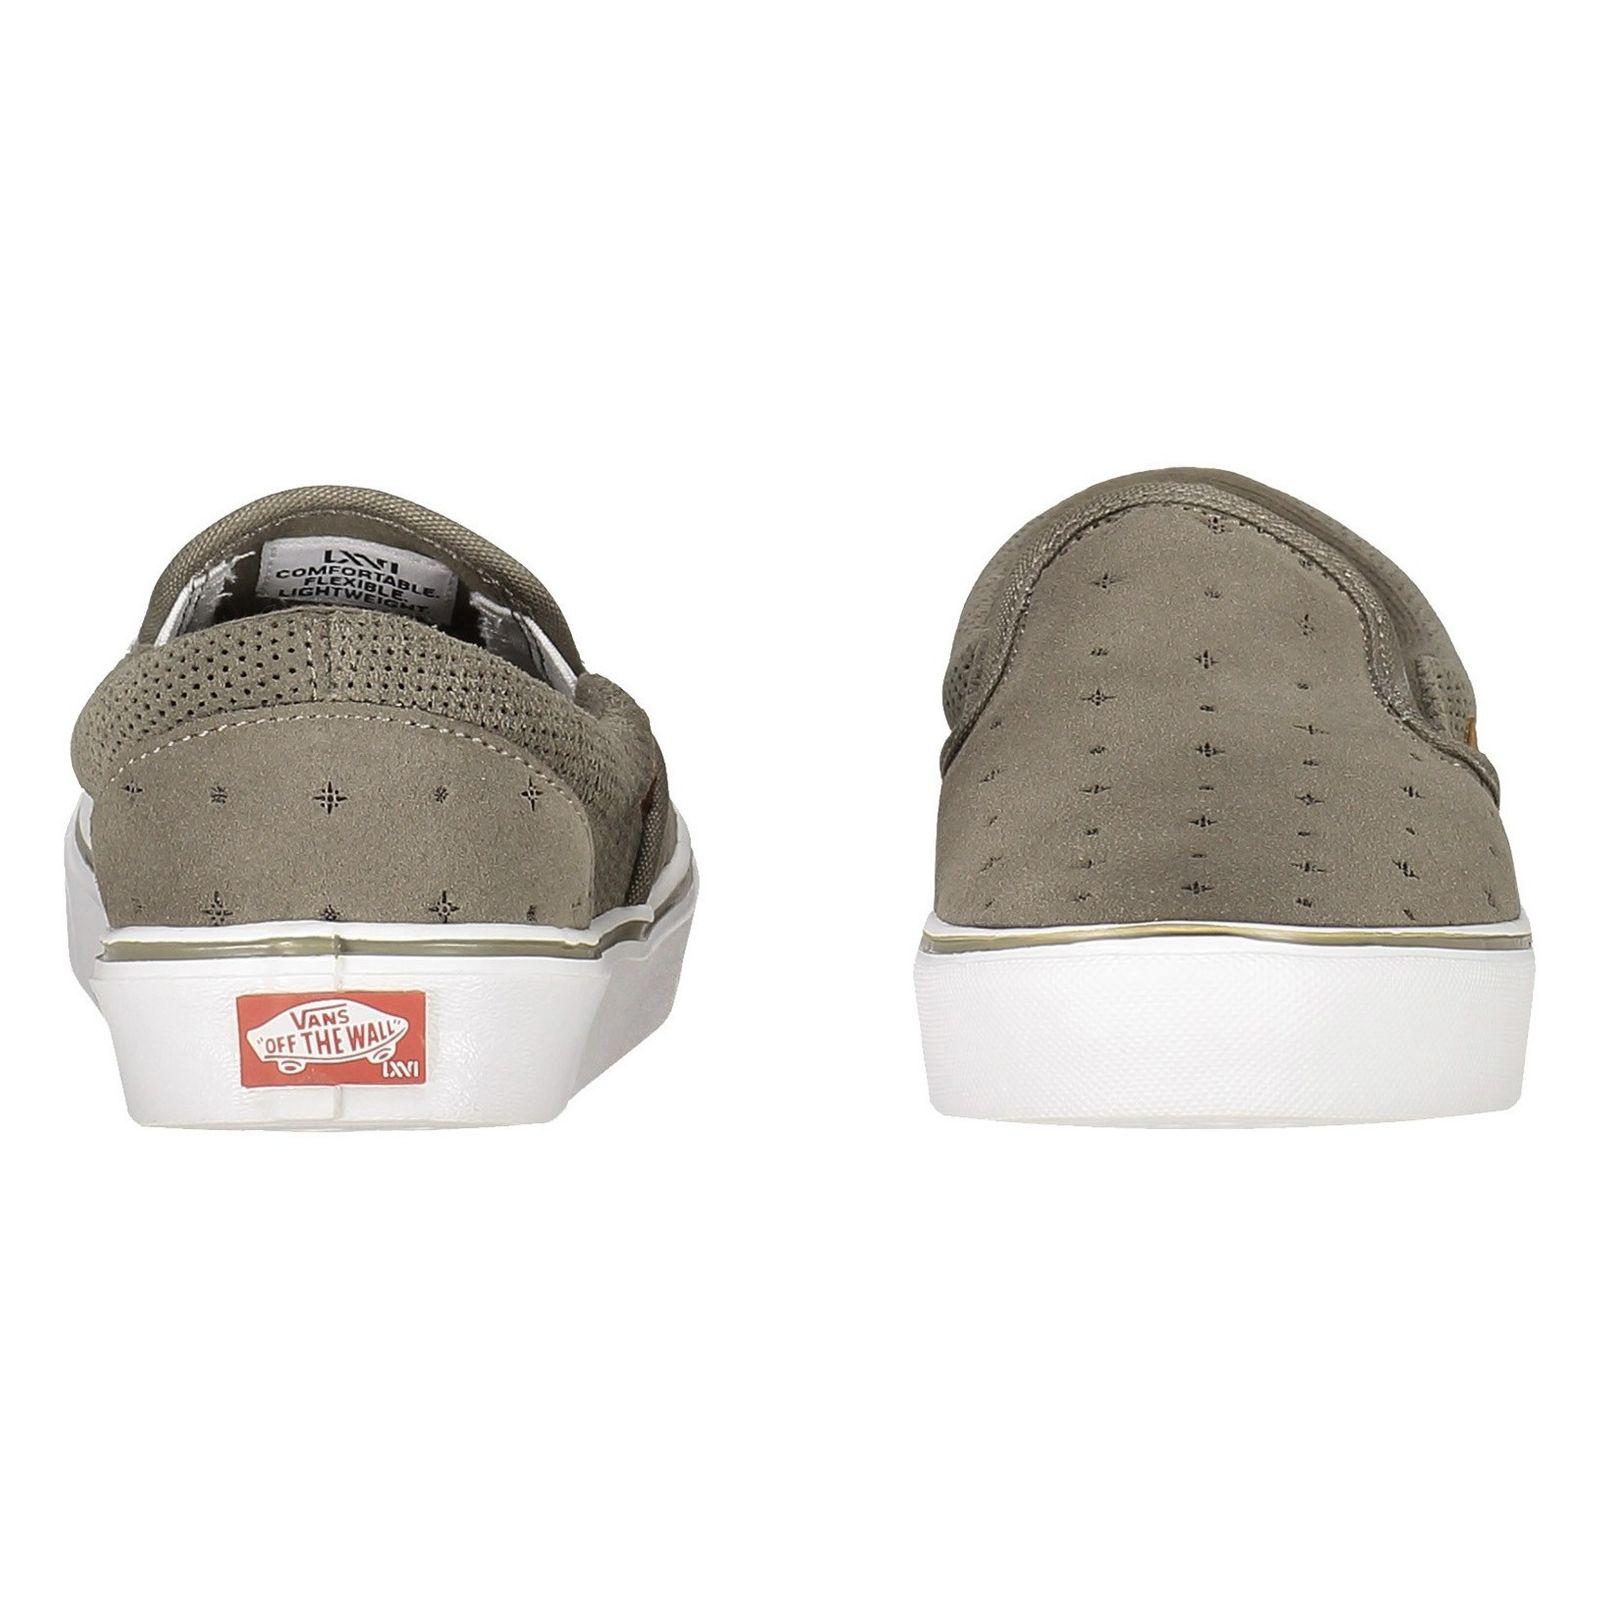 کفش راحتی مردانه Slip On Lite - ونس - طوسي  - 4